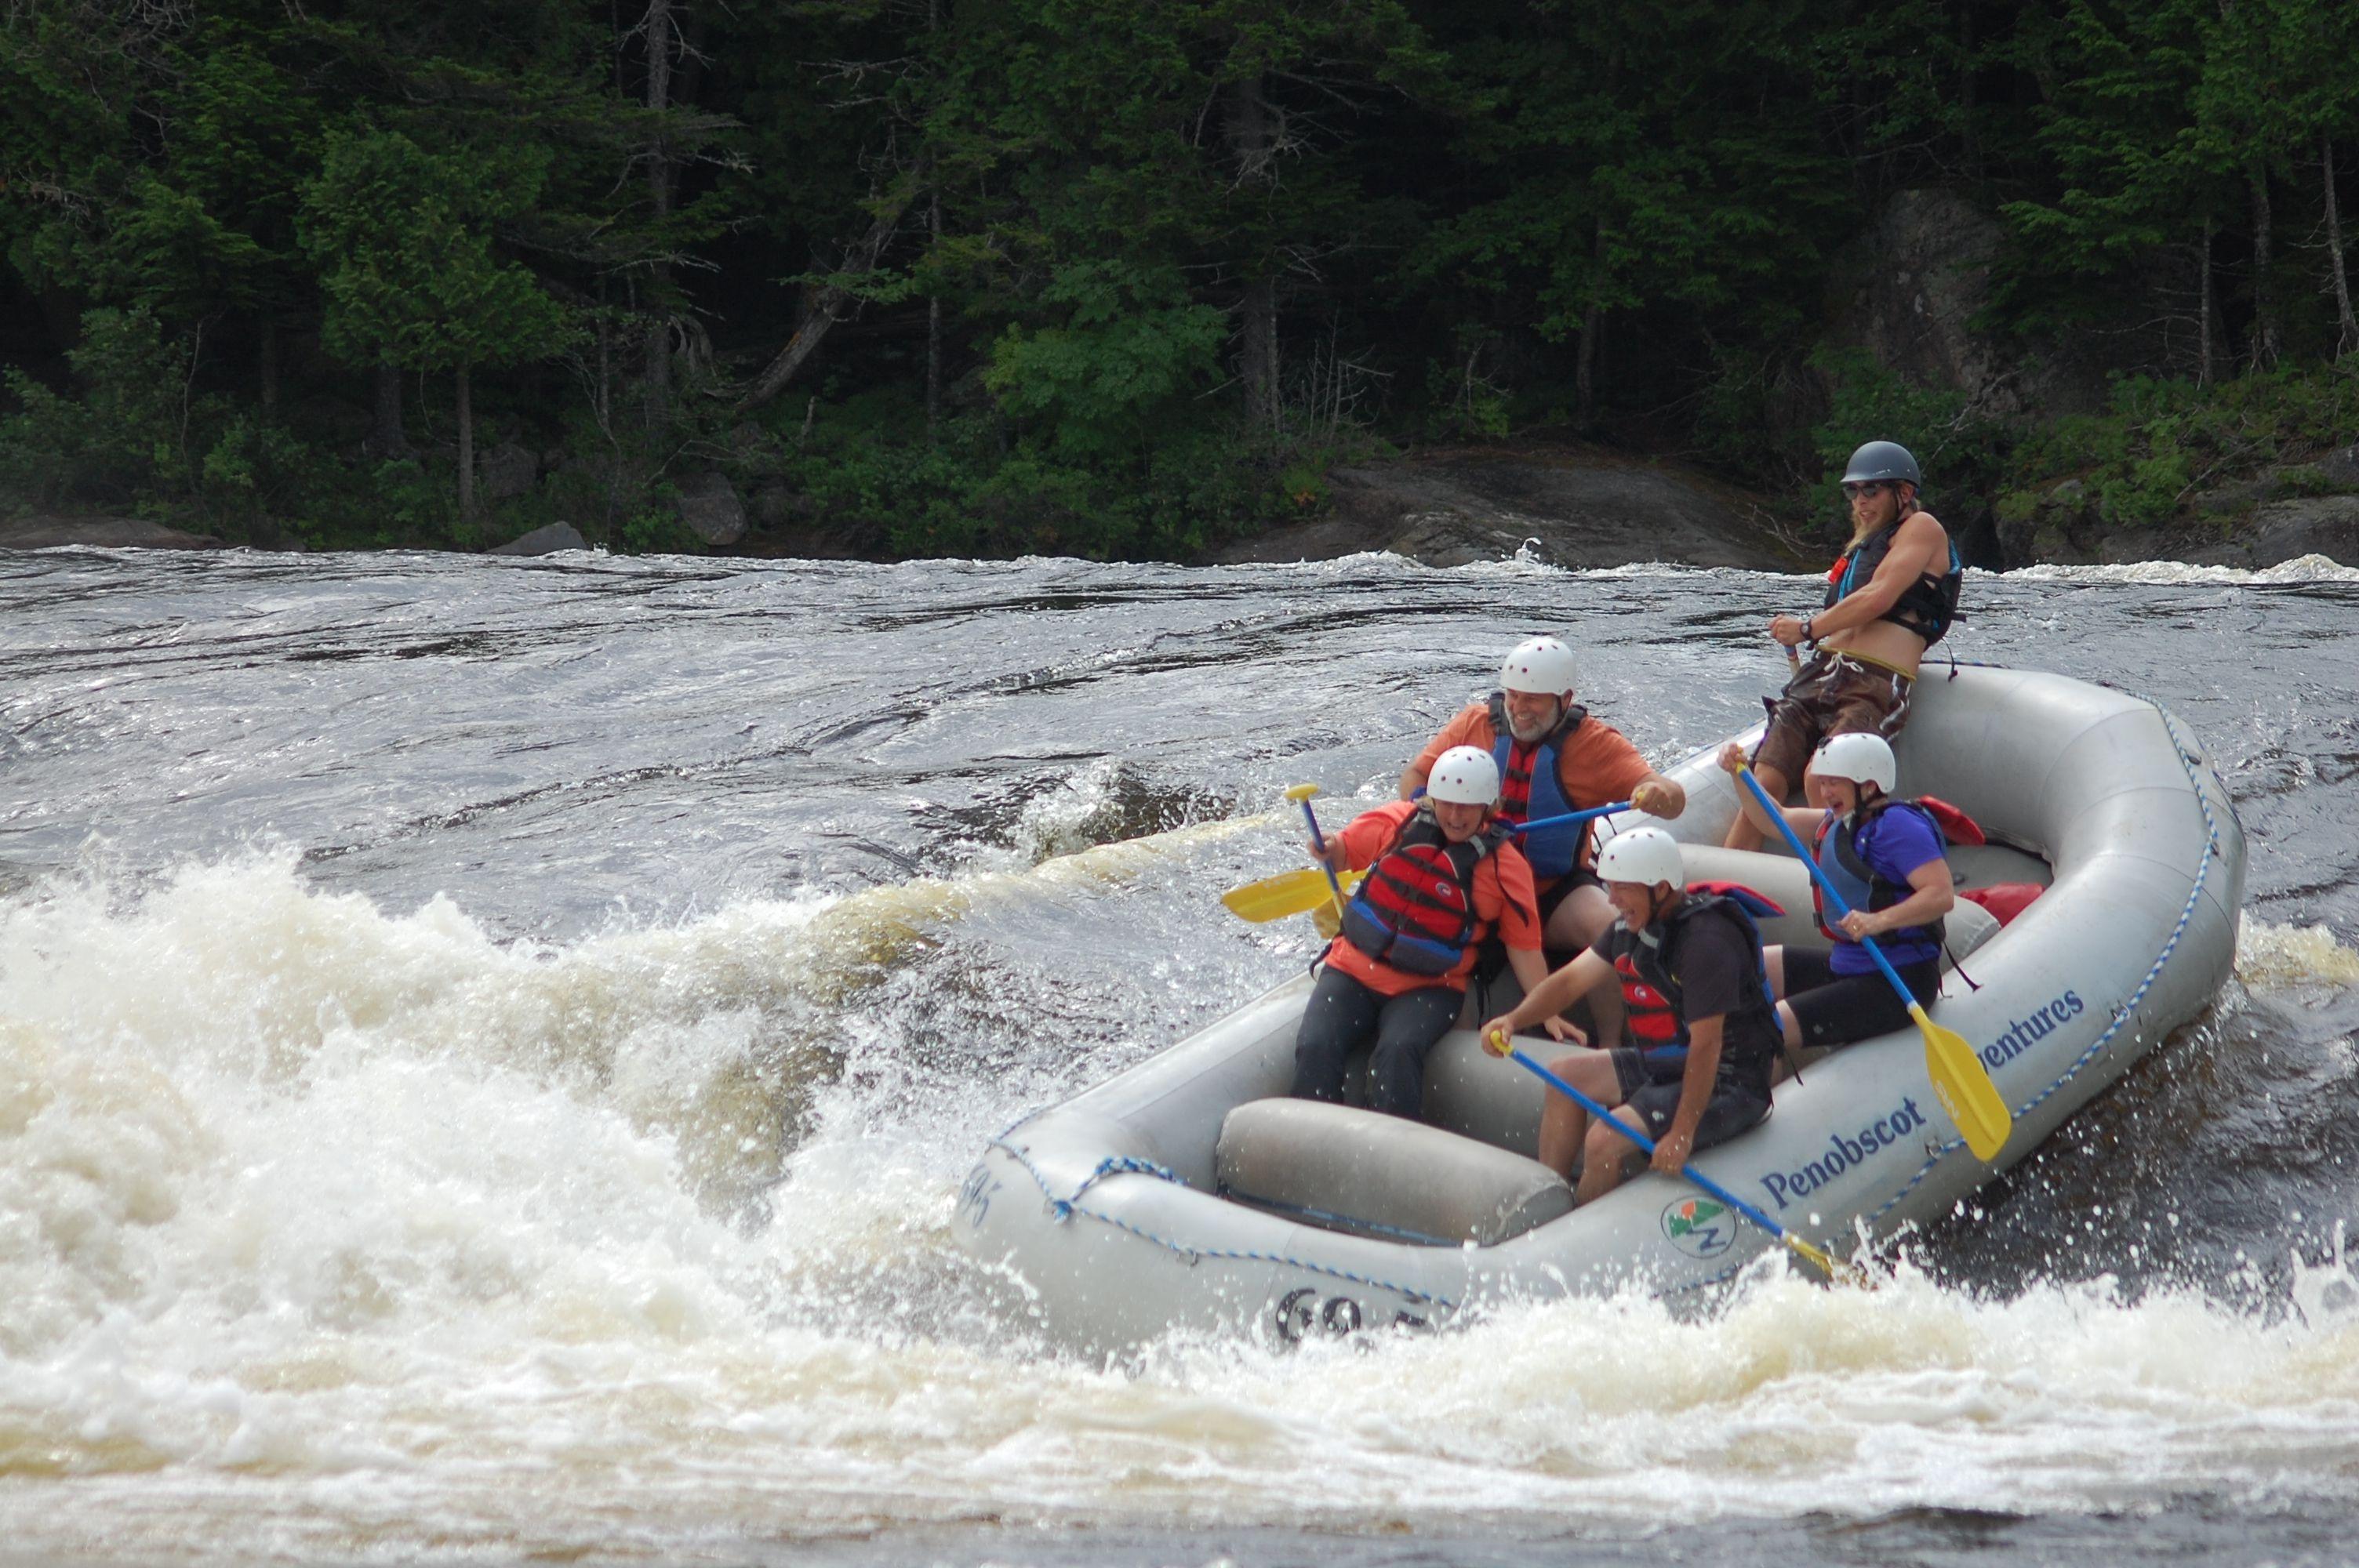 Penobscot Rafting Video 07/22/2016